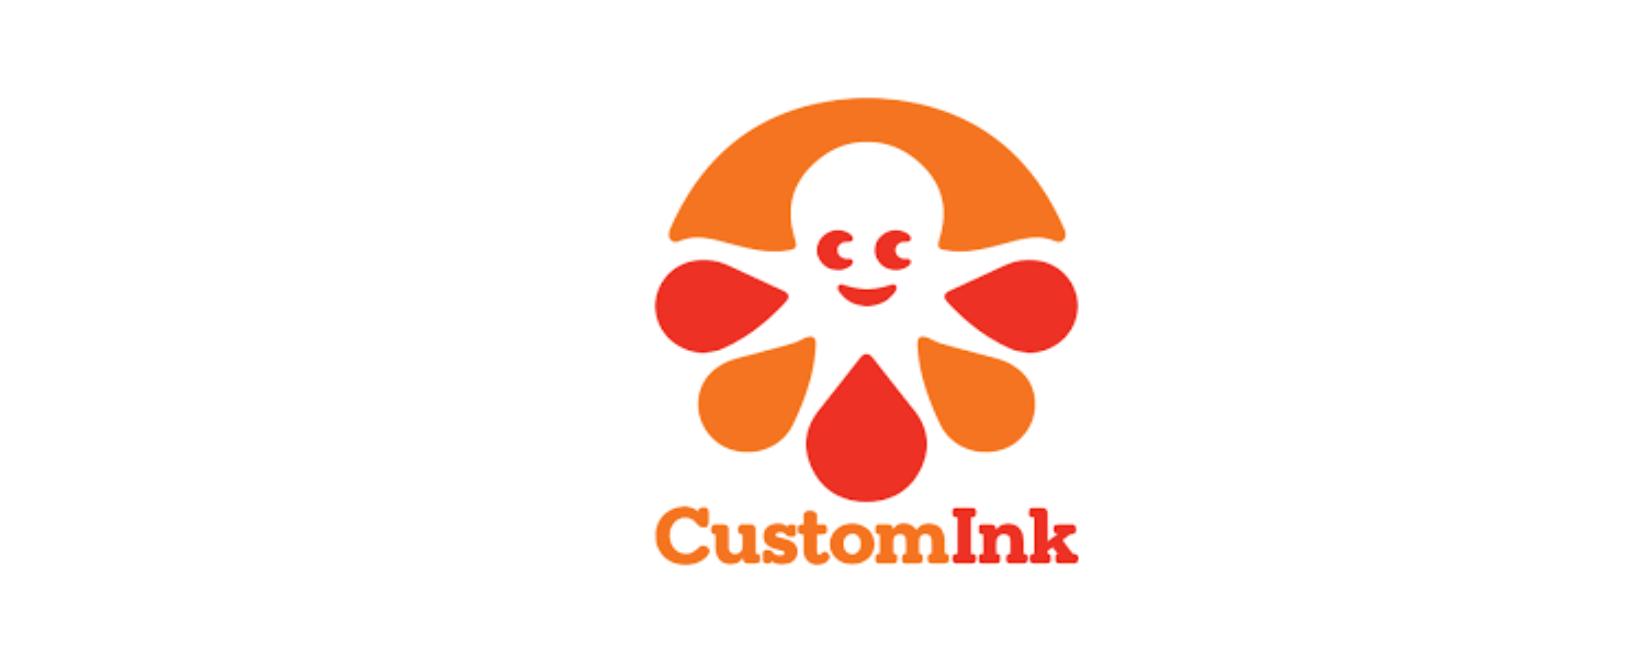 CustomInk Discount Code 2021